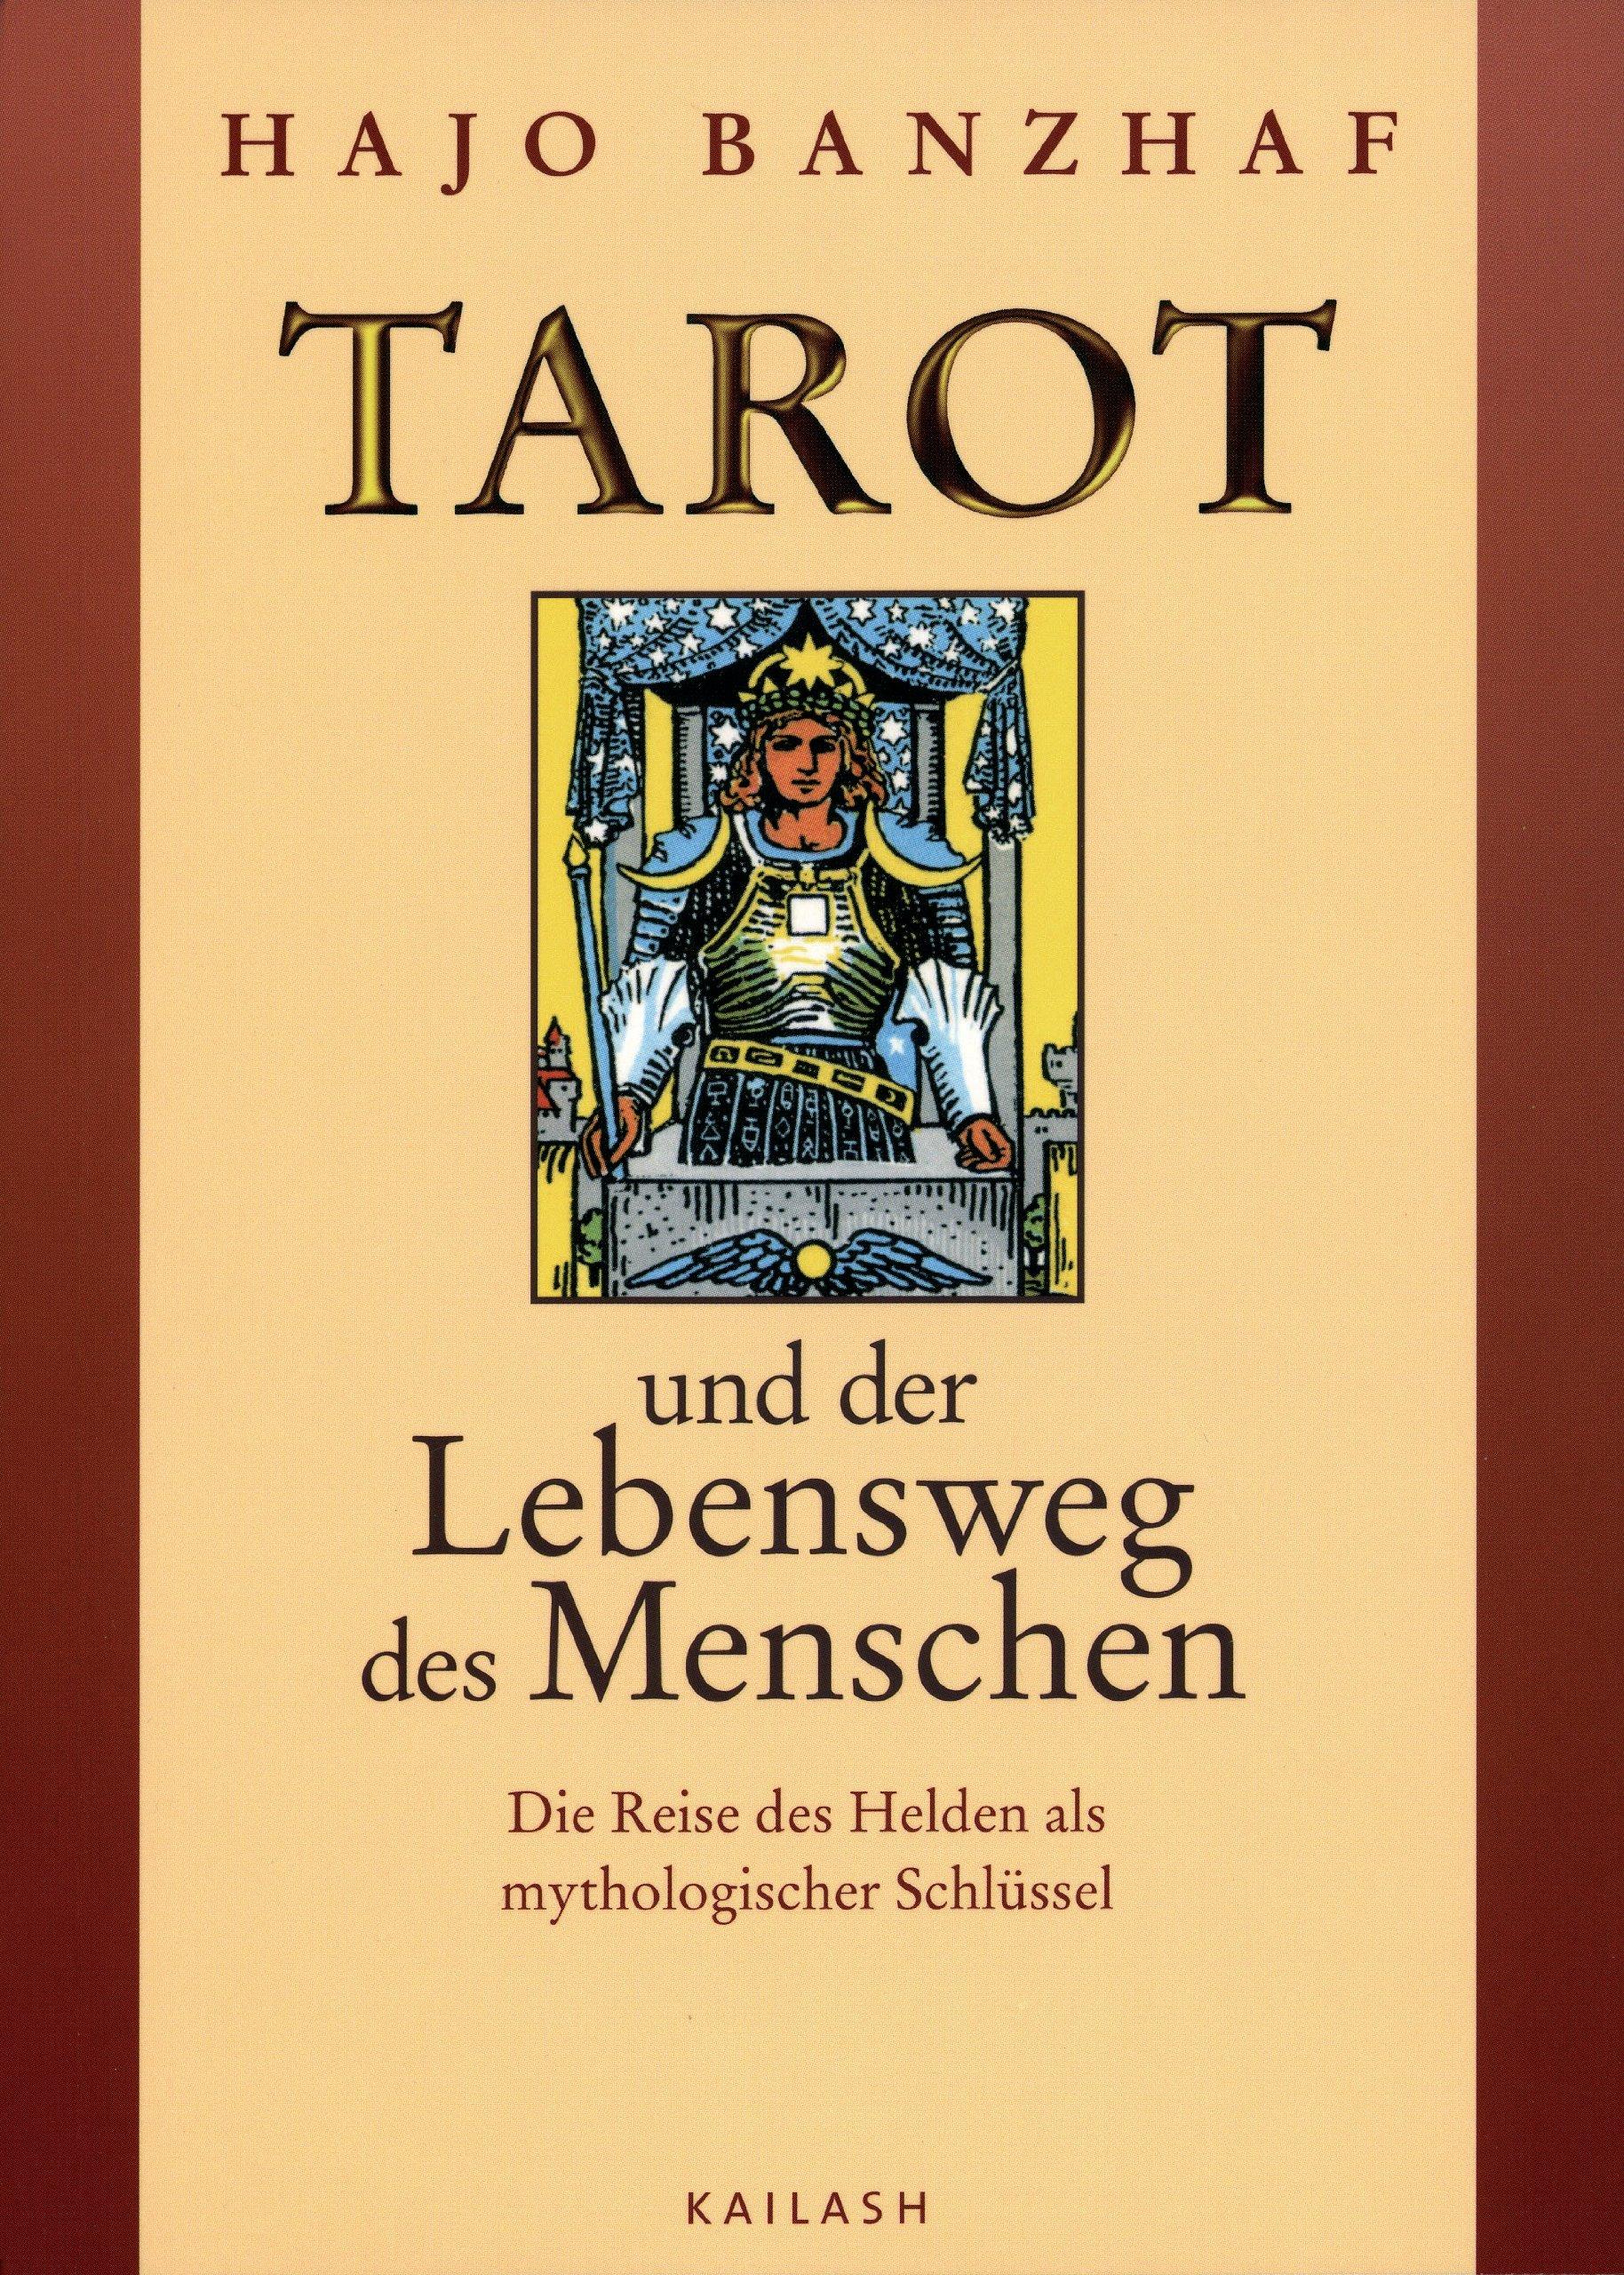 Tarot und der Lebensweg des Menschen: Die Reise des Helden als mythologischer Schlüssel